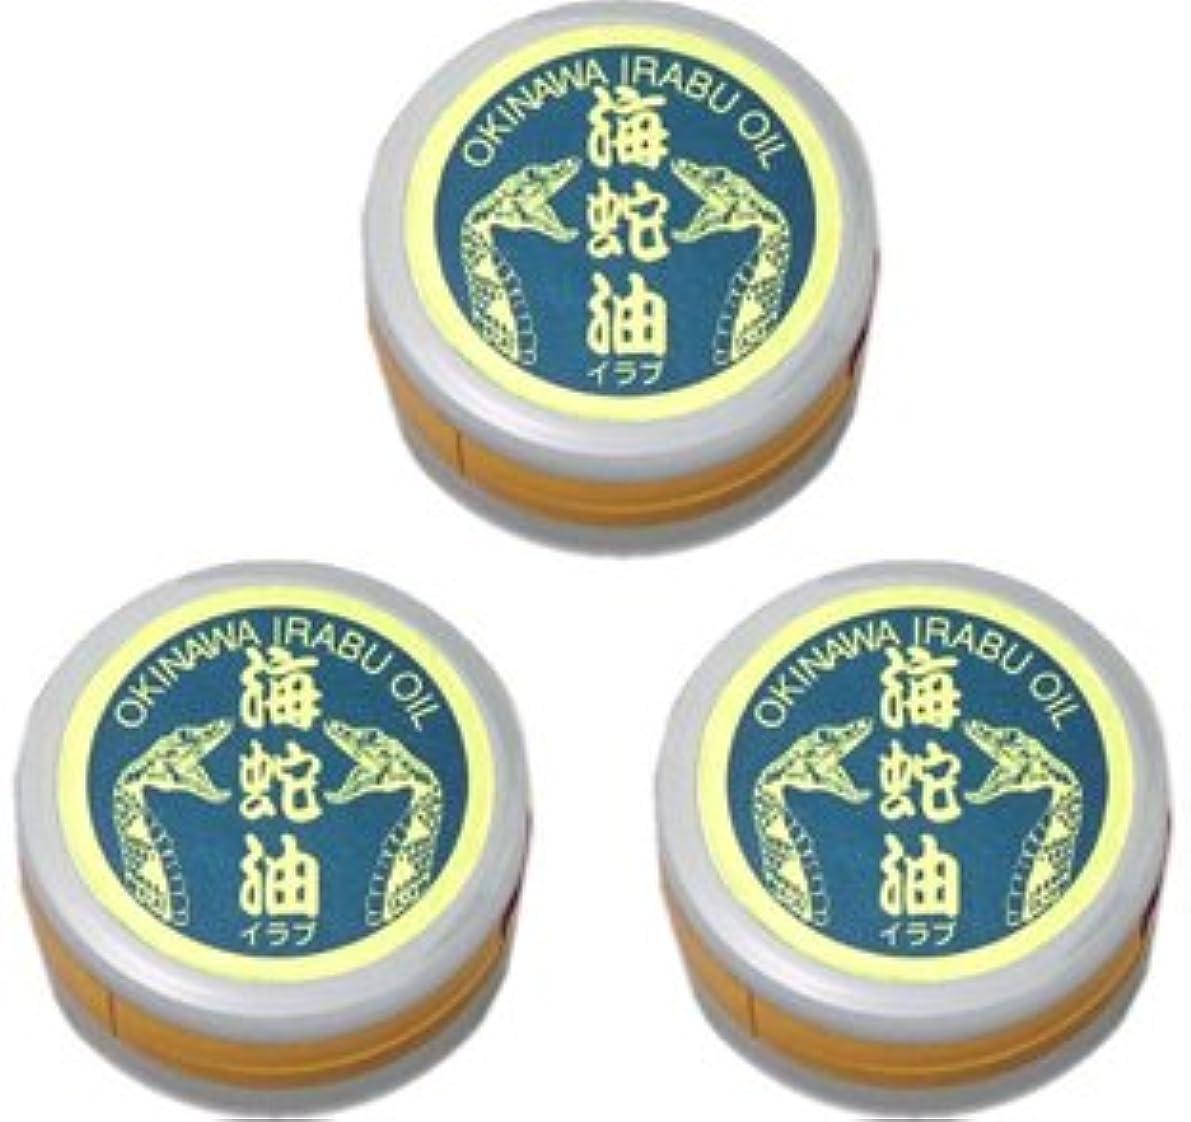 エールメッシュ抵当沖縄県産100% イラブ油25g/軟膏タイプ 25g×3個 配送レターパック! 代引き?日時指定不可